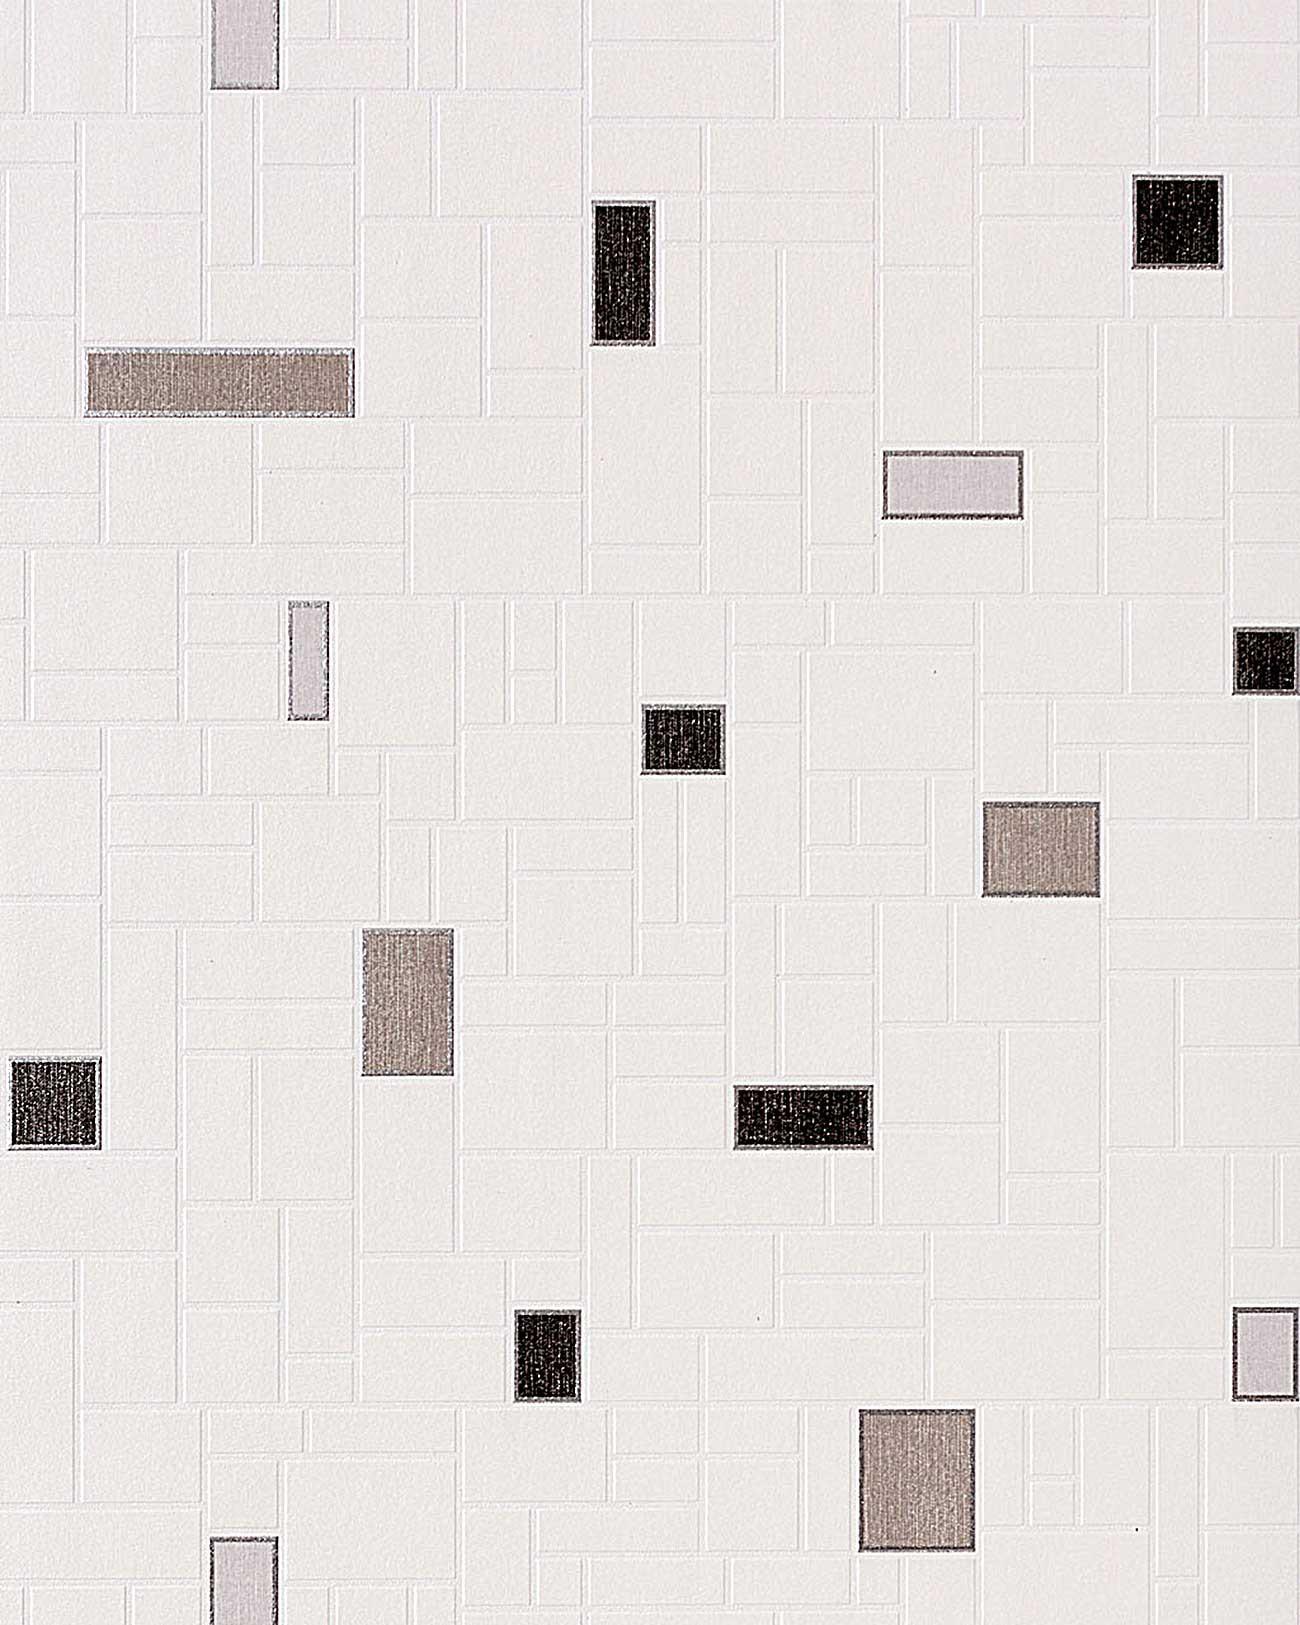 Papier peint vinyle tr s r sistant edem 584 20 aspect - Sous couche papier peint ...